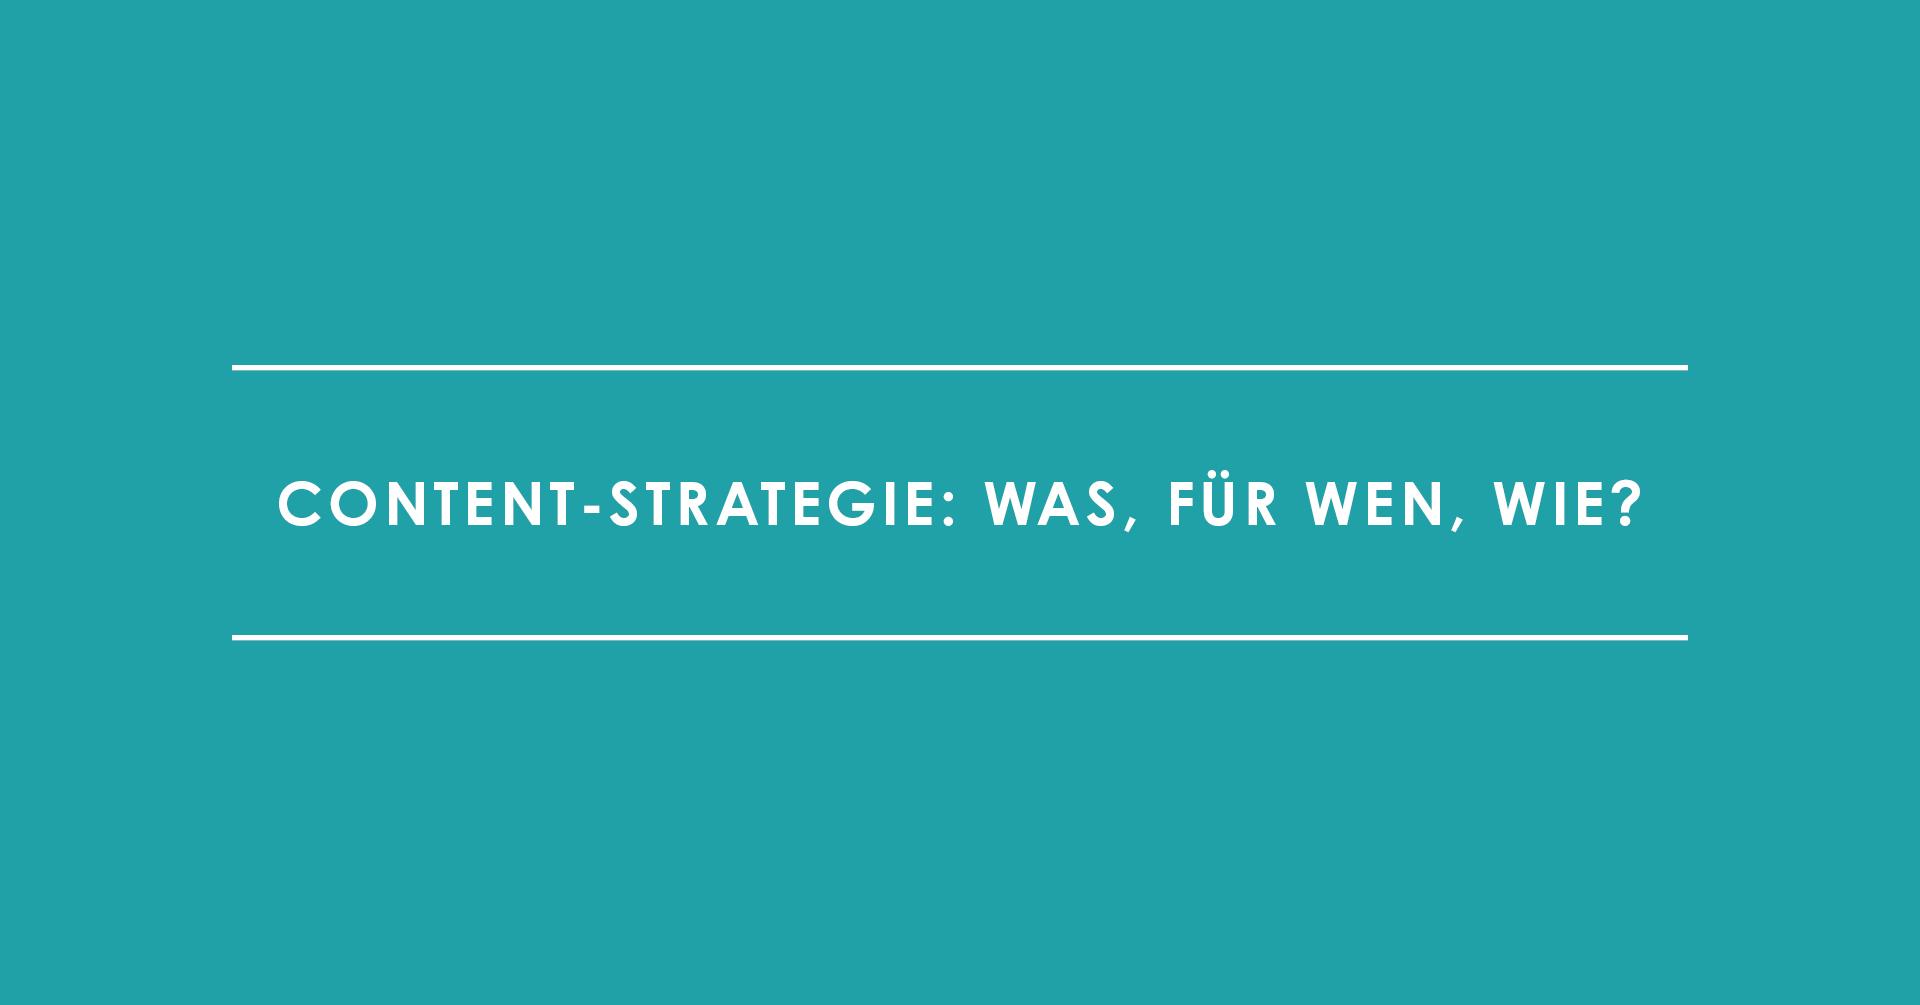 Content-Strategie: Was, für wen, wie?